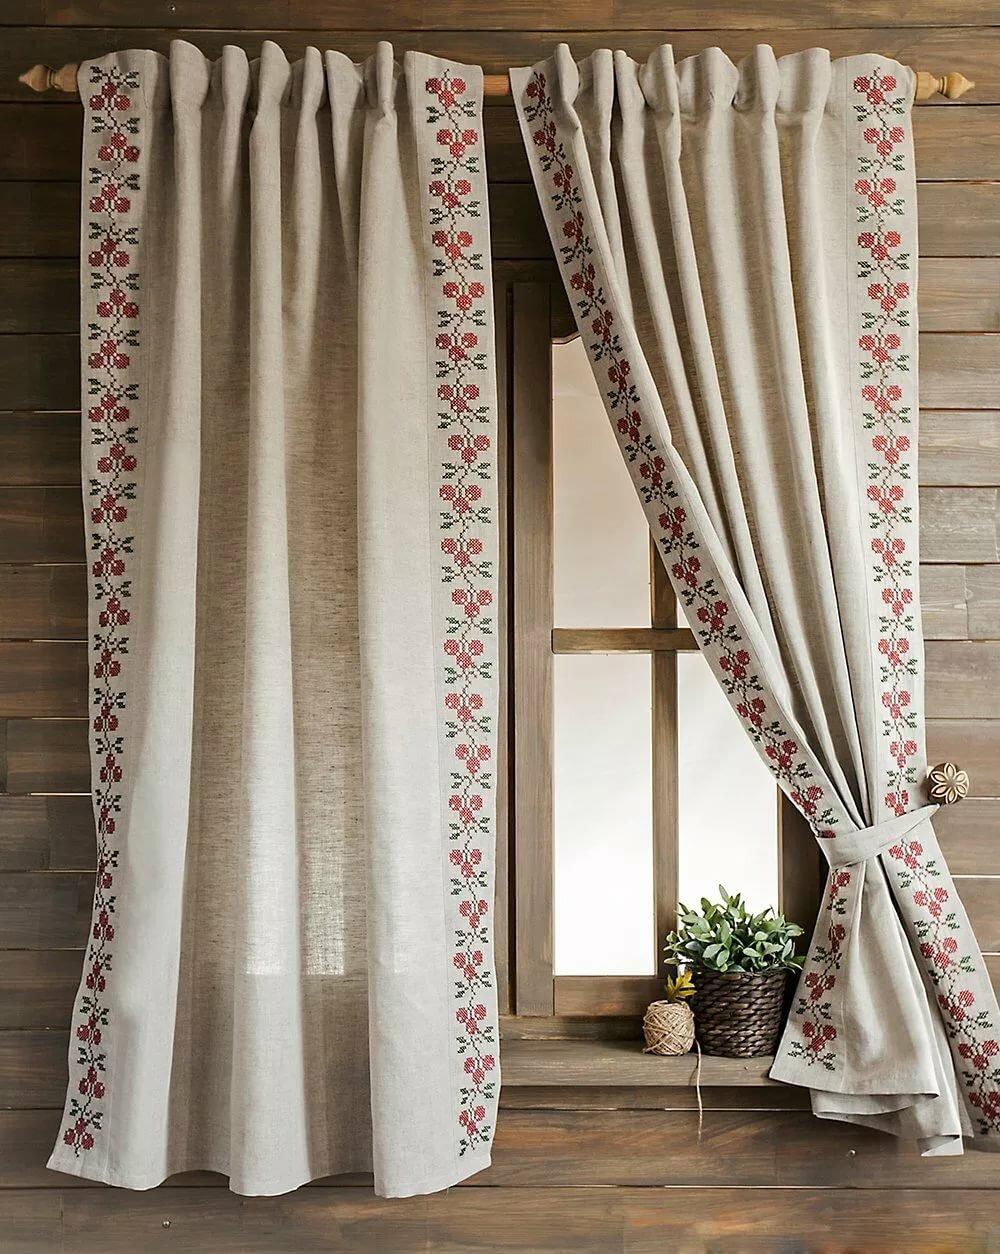 трц шторы в деревенском стиле картинки самых красивых мест